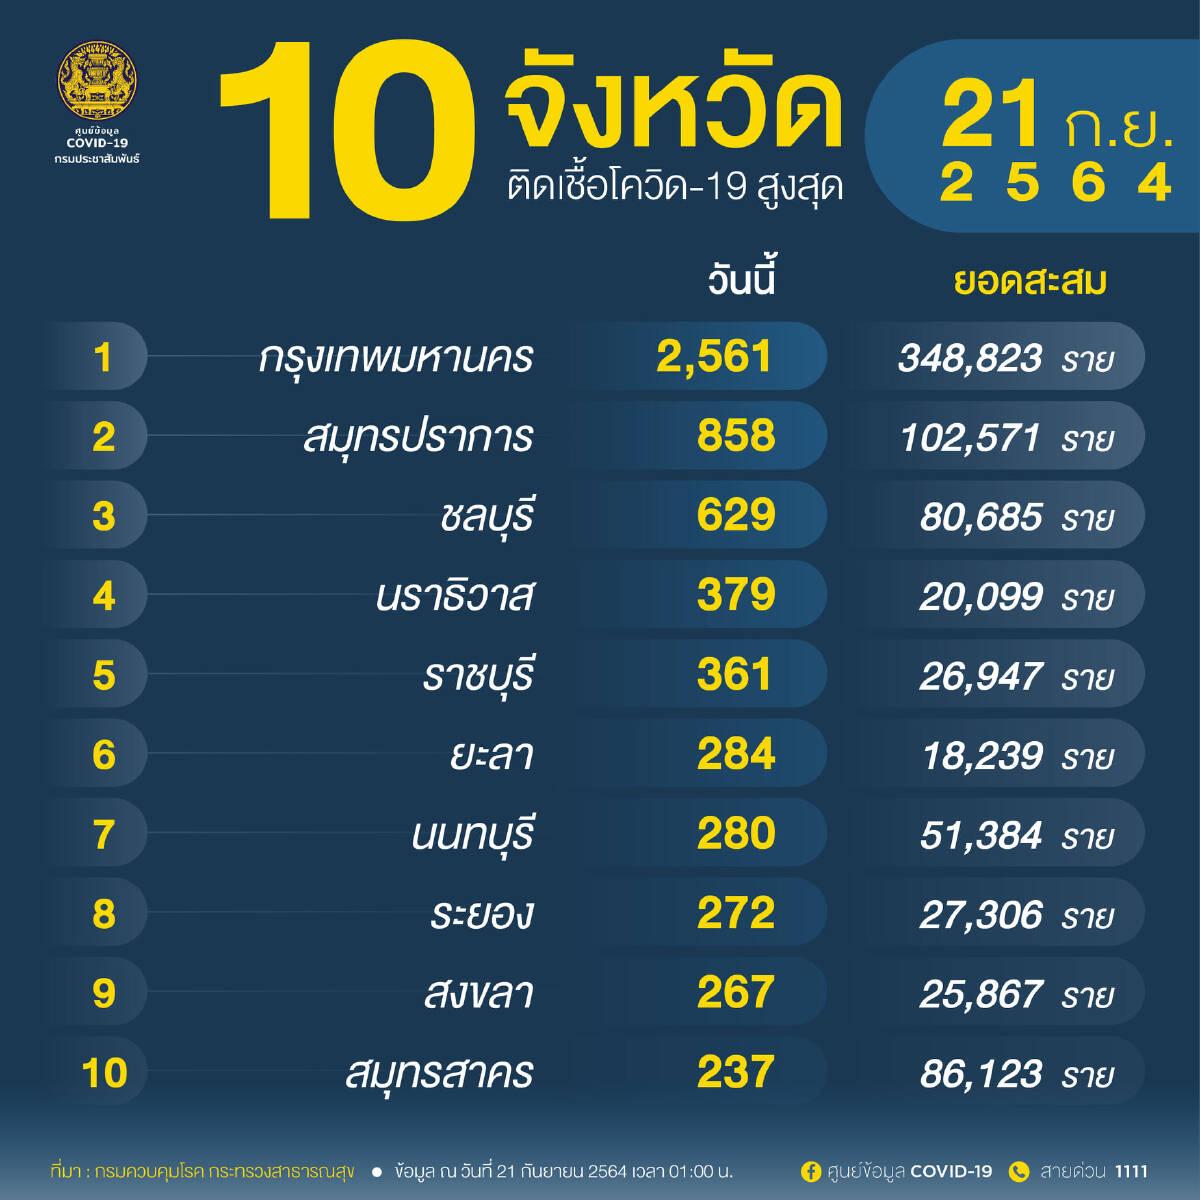 โควิดวันนี้ 10 จังหวัดติดเชื้อรายใหม่สูงสุด อันดับหนึ่ง กทม. 2,561 ราย